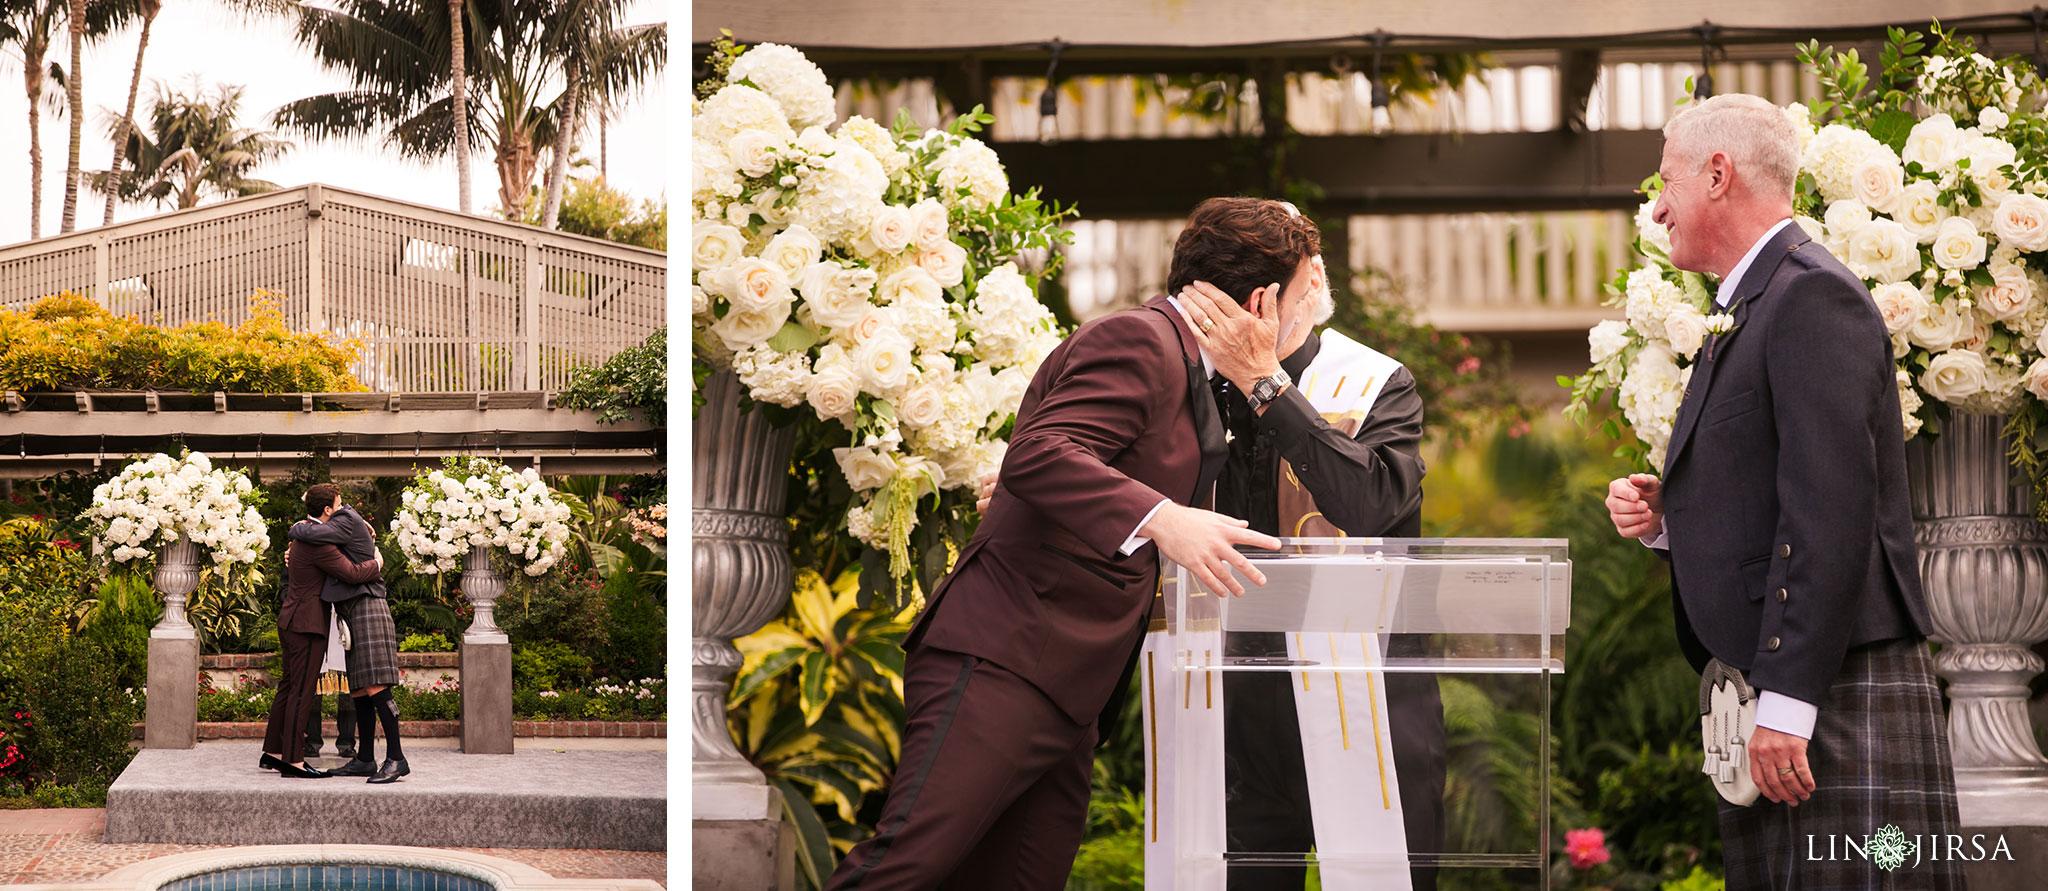 26 sherman library gardens corona del mar same sex wedding photography